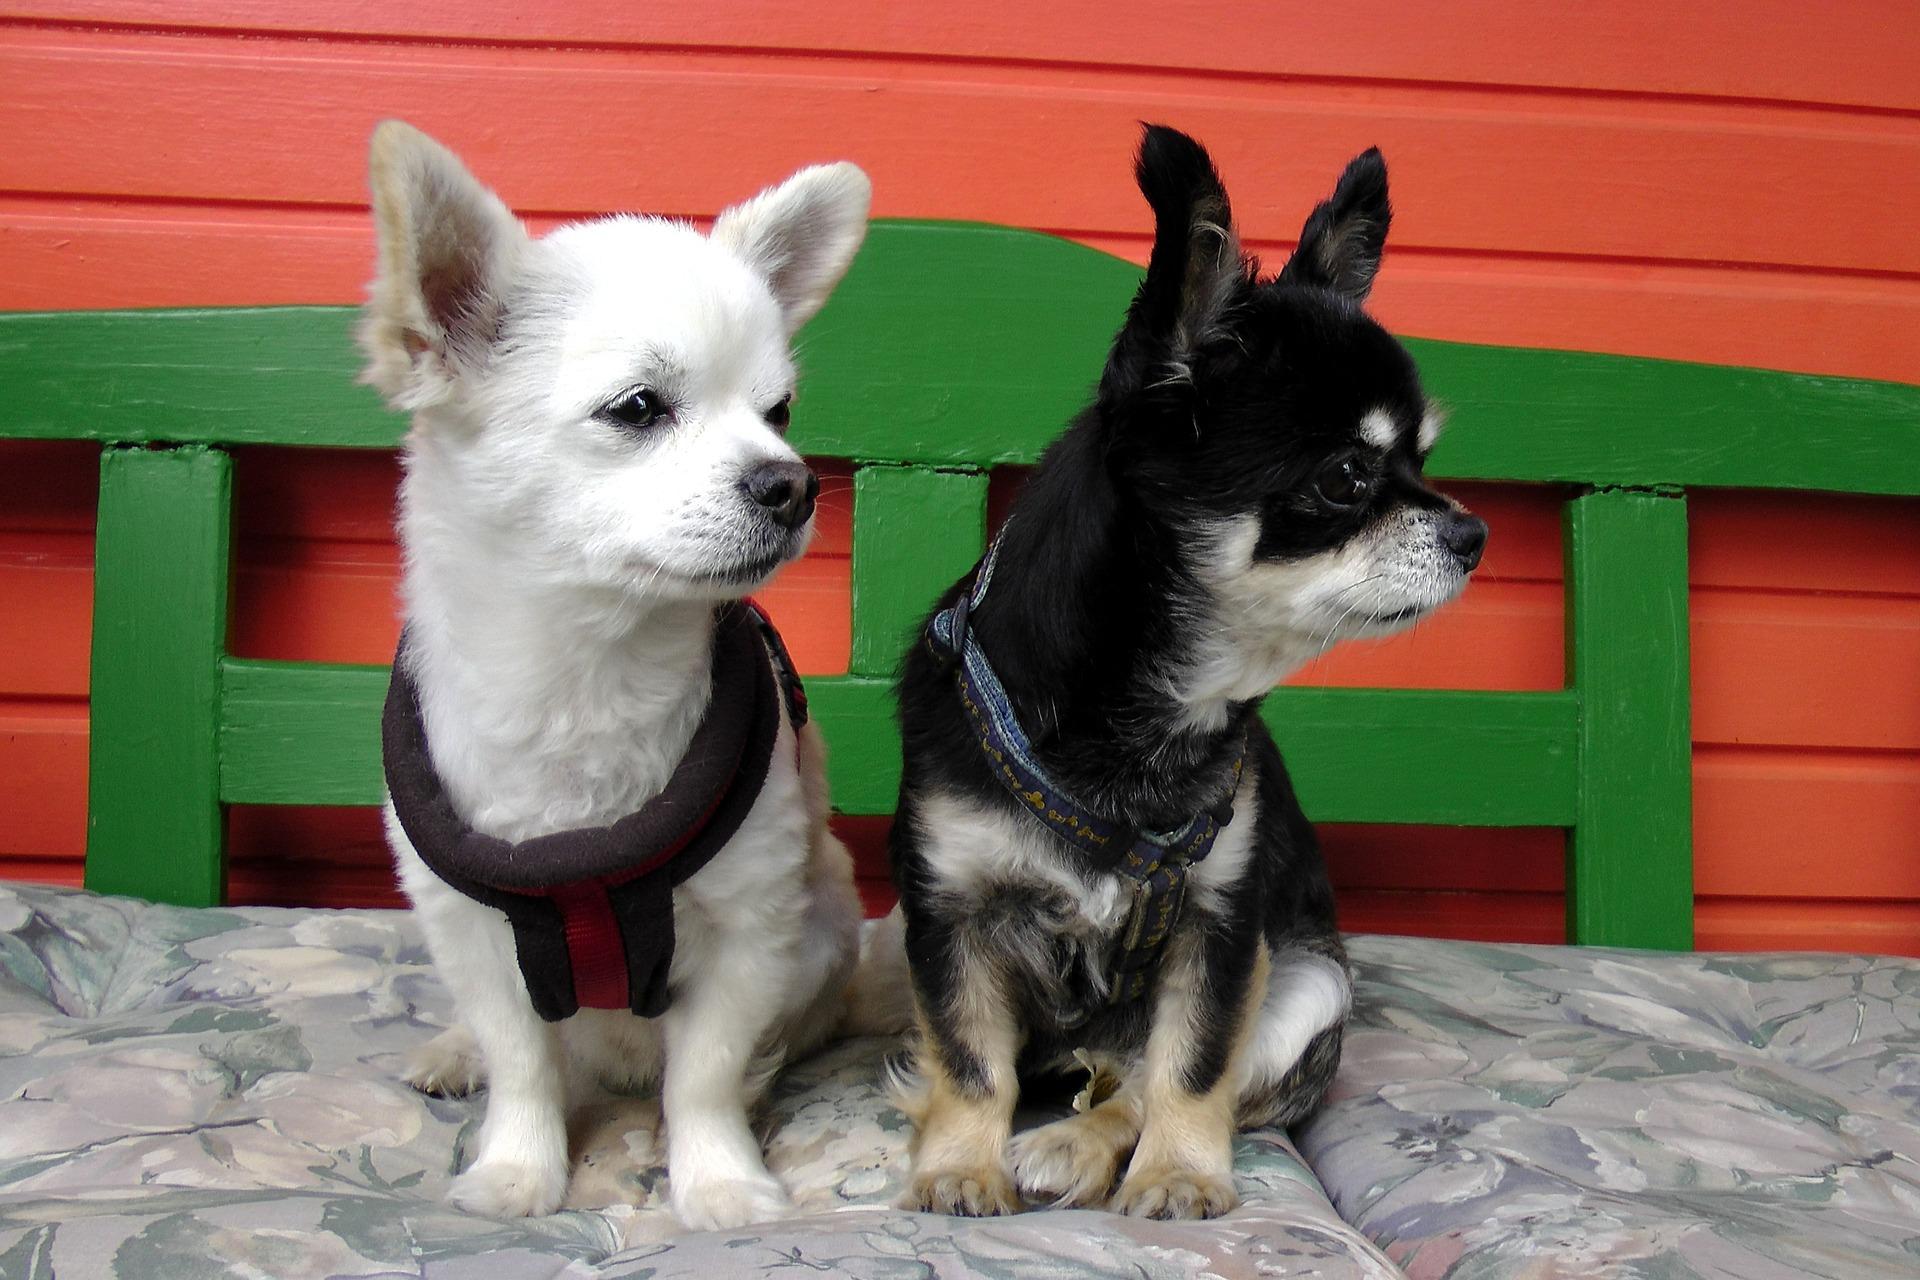 Mimo swojego małe rozmiaru ciała i słodkiego wyglądu, nie można zapominać, że chihuahua to pies i posiada takie same potrzeby gatunkowe jak jego więksi pobratymcy. Chihuahua nie jest zabawką.